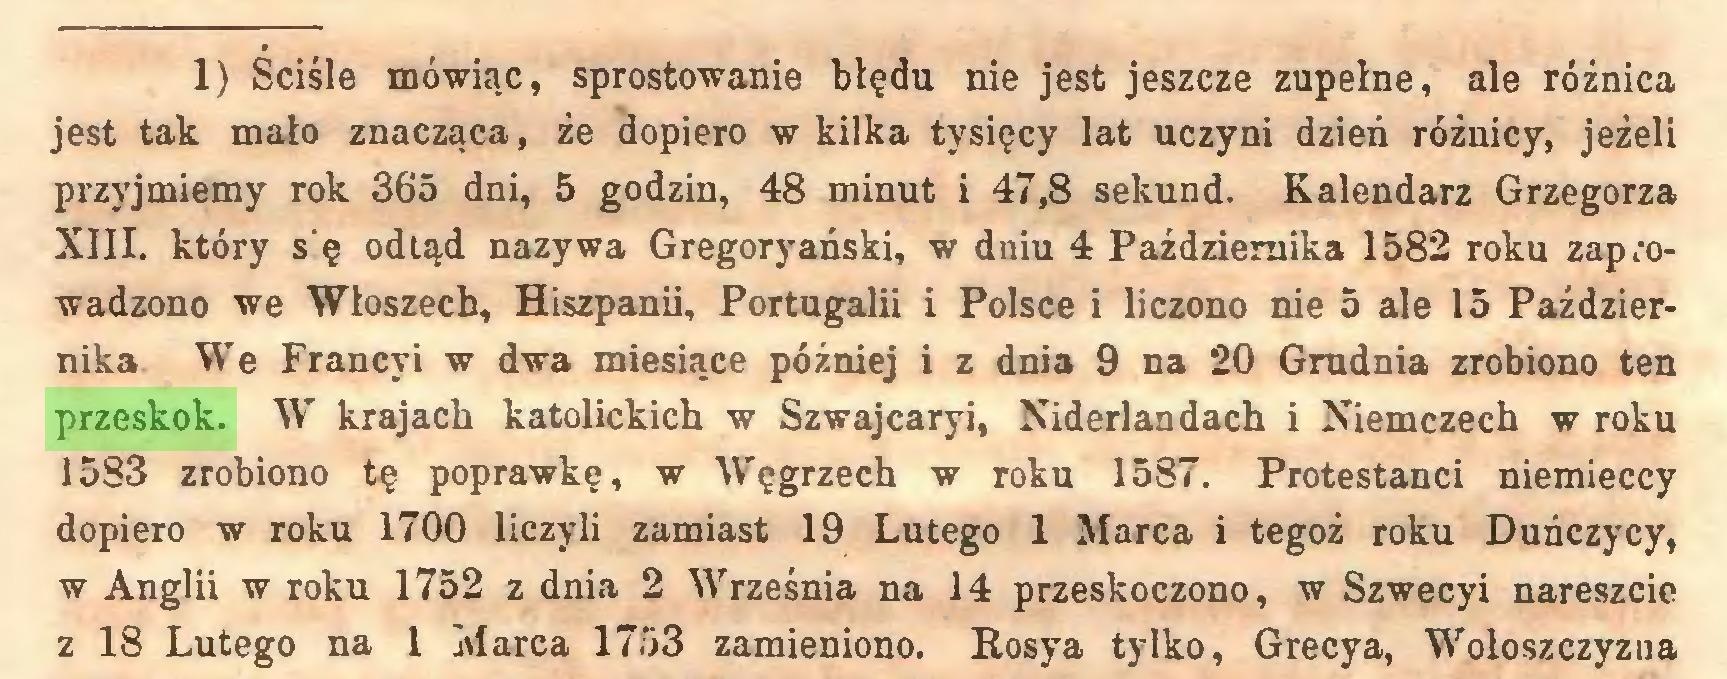 (...) 11) Ściśle mówiąc, sprostowanie błędu nie jest jeszcze zupełne, ale różnica jest tak mało znacząca, że dopiero w kilka tysięcy lat uczyni dzień różnicy, jeżeli przyjmiemy rok 365 dni, 5 godzin, 48 minut i 47,8 sekund. Kalendarz Grzegorza XIII. który s'ę odtąd nazywa Gregoryański, w dniu 4 Października 1582 roku zaprowadzono we Włoszech, Hiszpanii, Portugalii i Polsce i liczono nie 5 ale 15 Października We Francyi w dwa miesiące później i z dnia 9 na 20 Grudnia zrobiono ten przeskok. W krajach katolickich w Szwajcaryi, Niderlandach i Niemczech w roku 1583 zrobiono tę poprawkę, w Węgrzech w roku 1587. Protestanci niemieccy dopiero w roku 1700 liczyli zamiast 19 Lutego 1 Marca i tegoż roku Duńczycy, w Anglii w roku 1752 z dnia 2 Września na 14 przeskoczono, w Szwecyi nareszcie z 18 Lutego na l Marca 1753 zamieniono. Rosya tylko, Grecya, Wołoszczyzna...